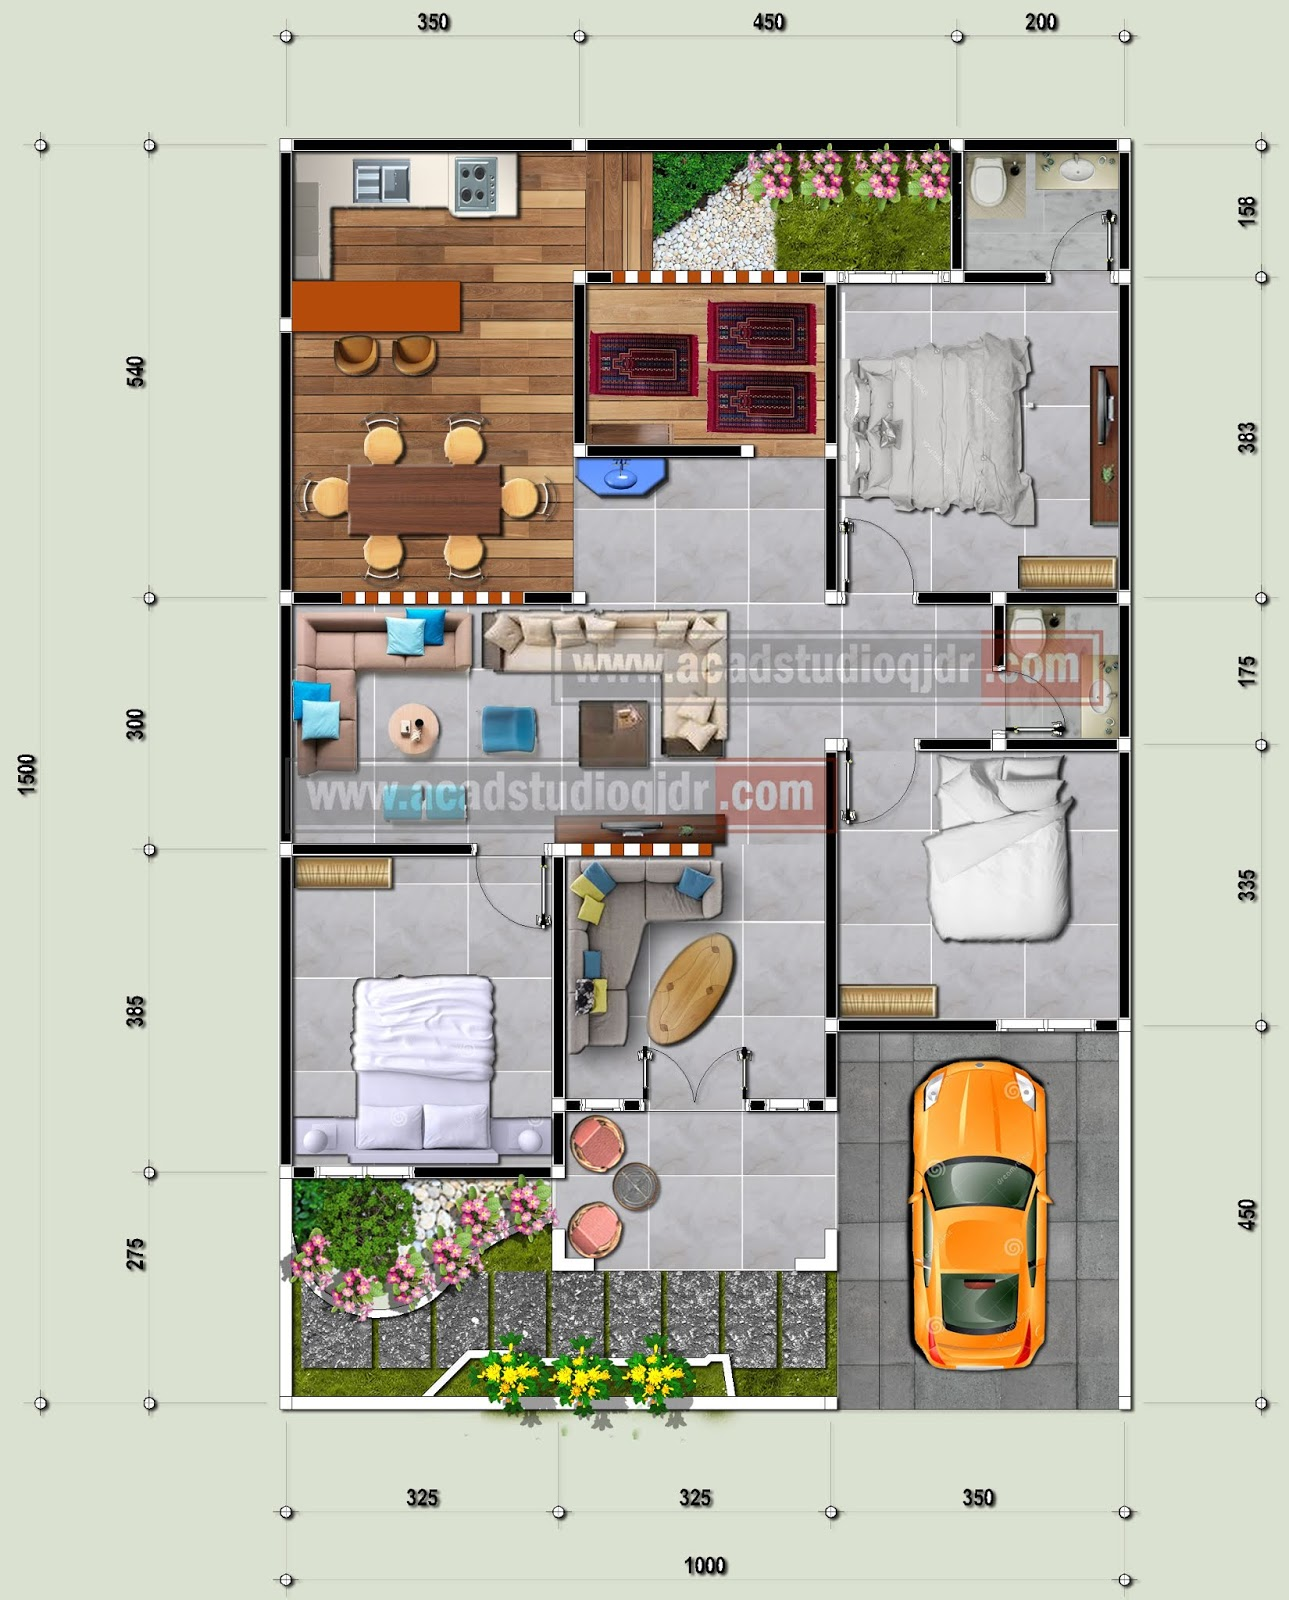 Unsur Unsur Desain Jasa: Desain Rumah Di Lahan 10x15 Meter